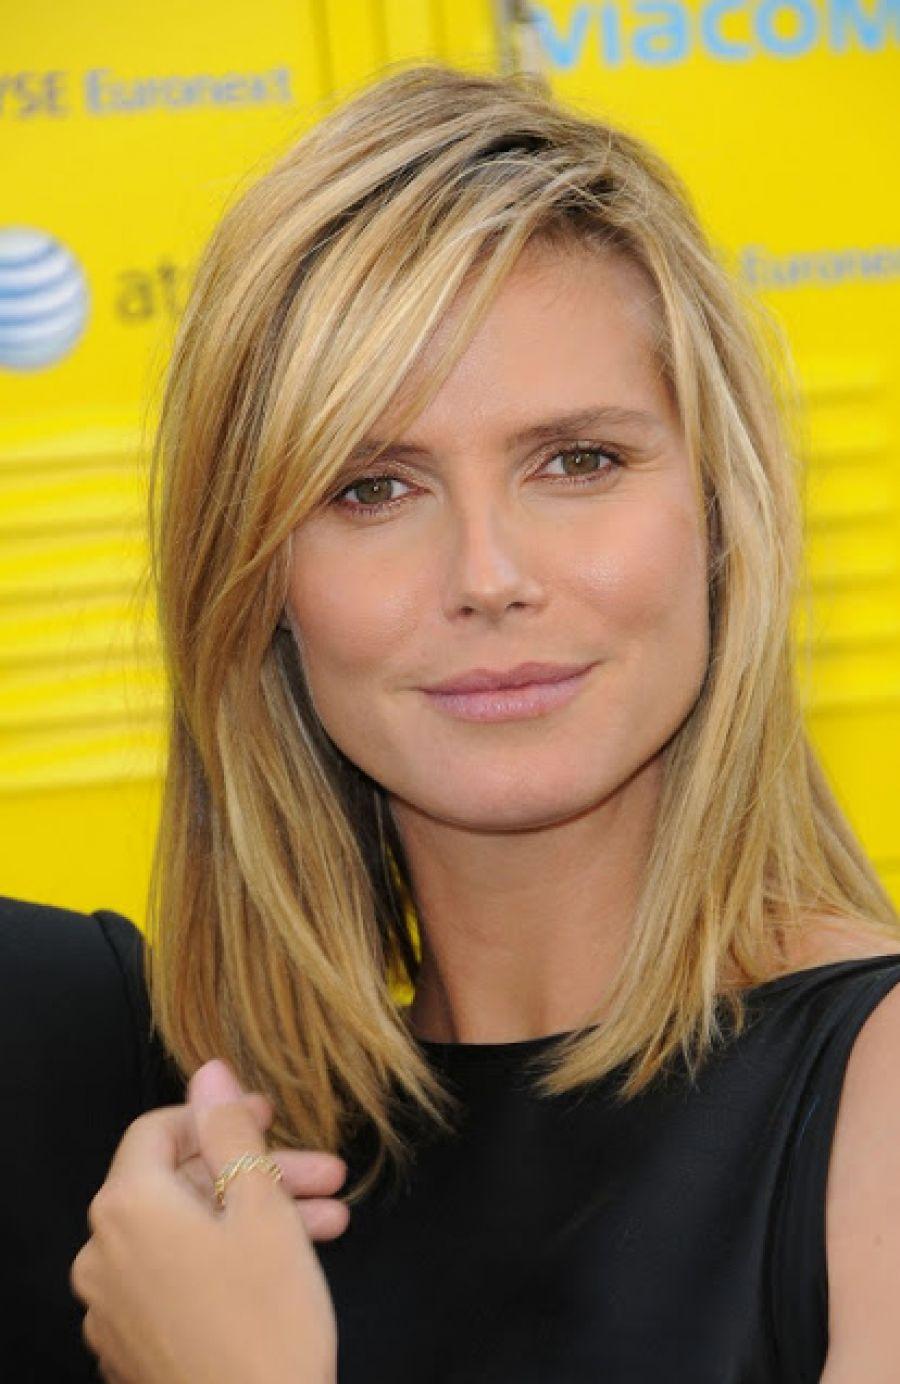 Bangs With Shoulder Length Hairstyle : New shoulder length haircuts no bangs fashionip